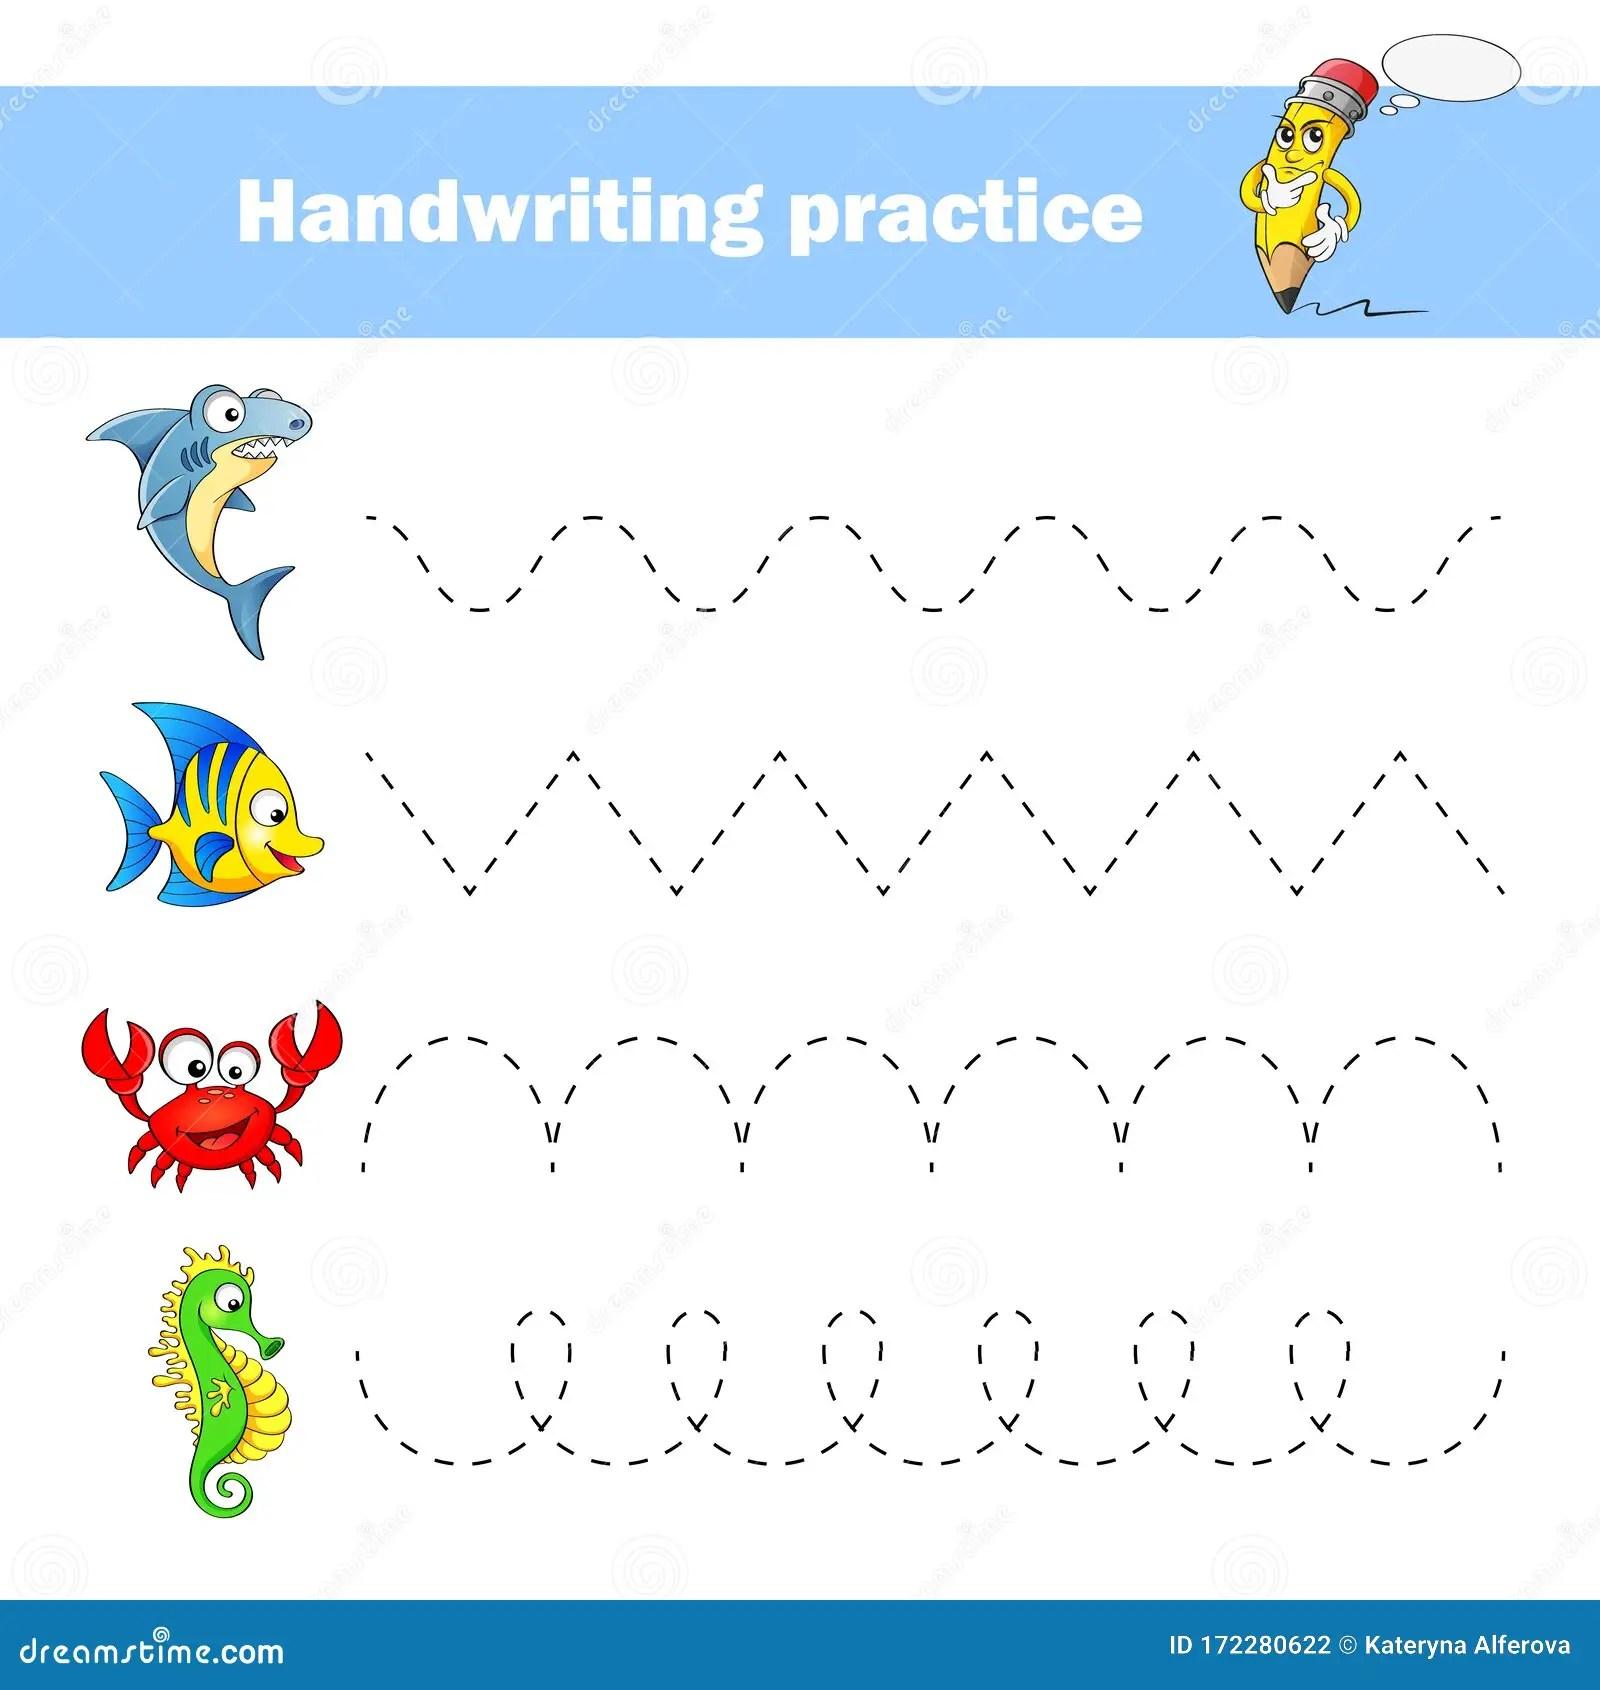 Worksheet For Practicing Fine Kids Motor Skills